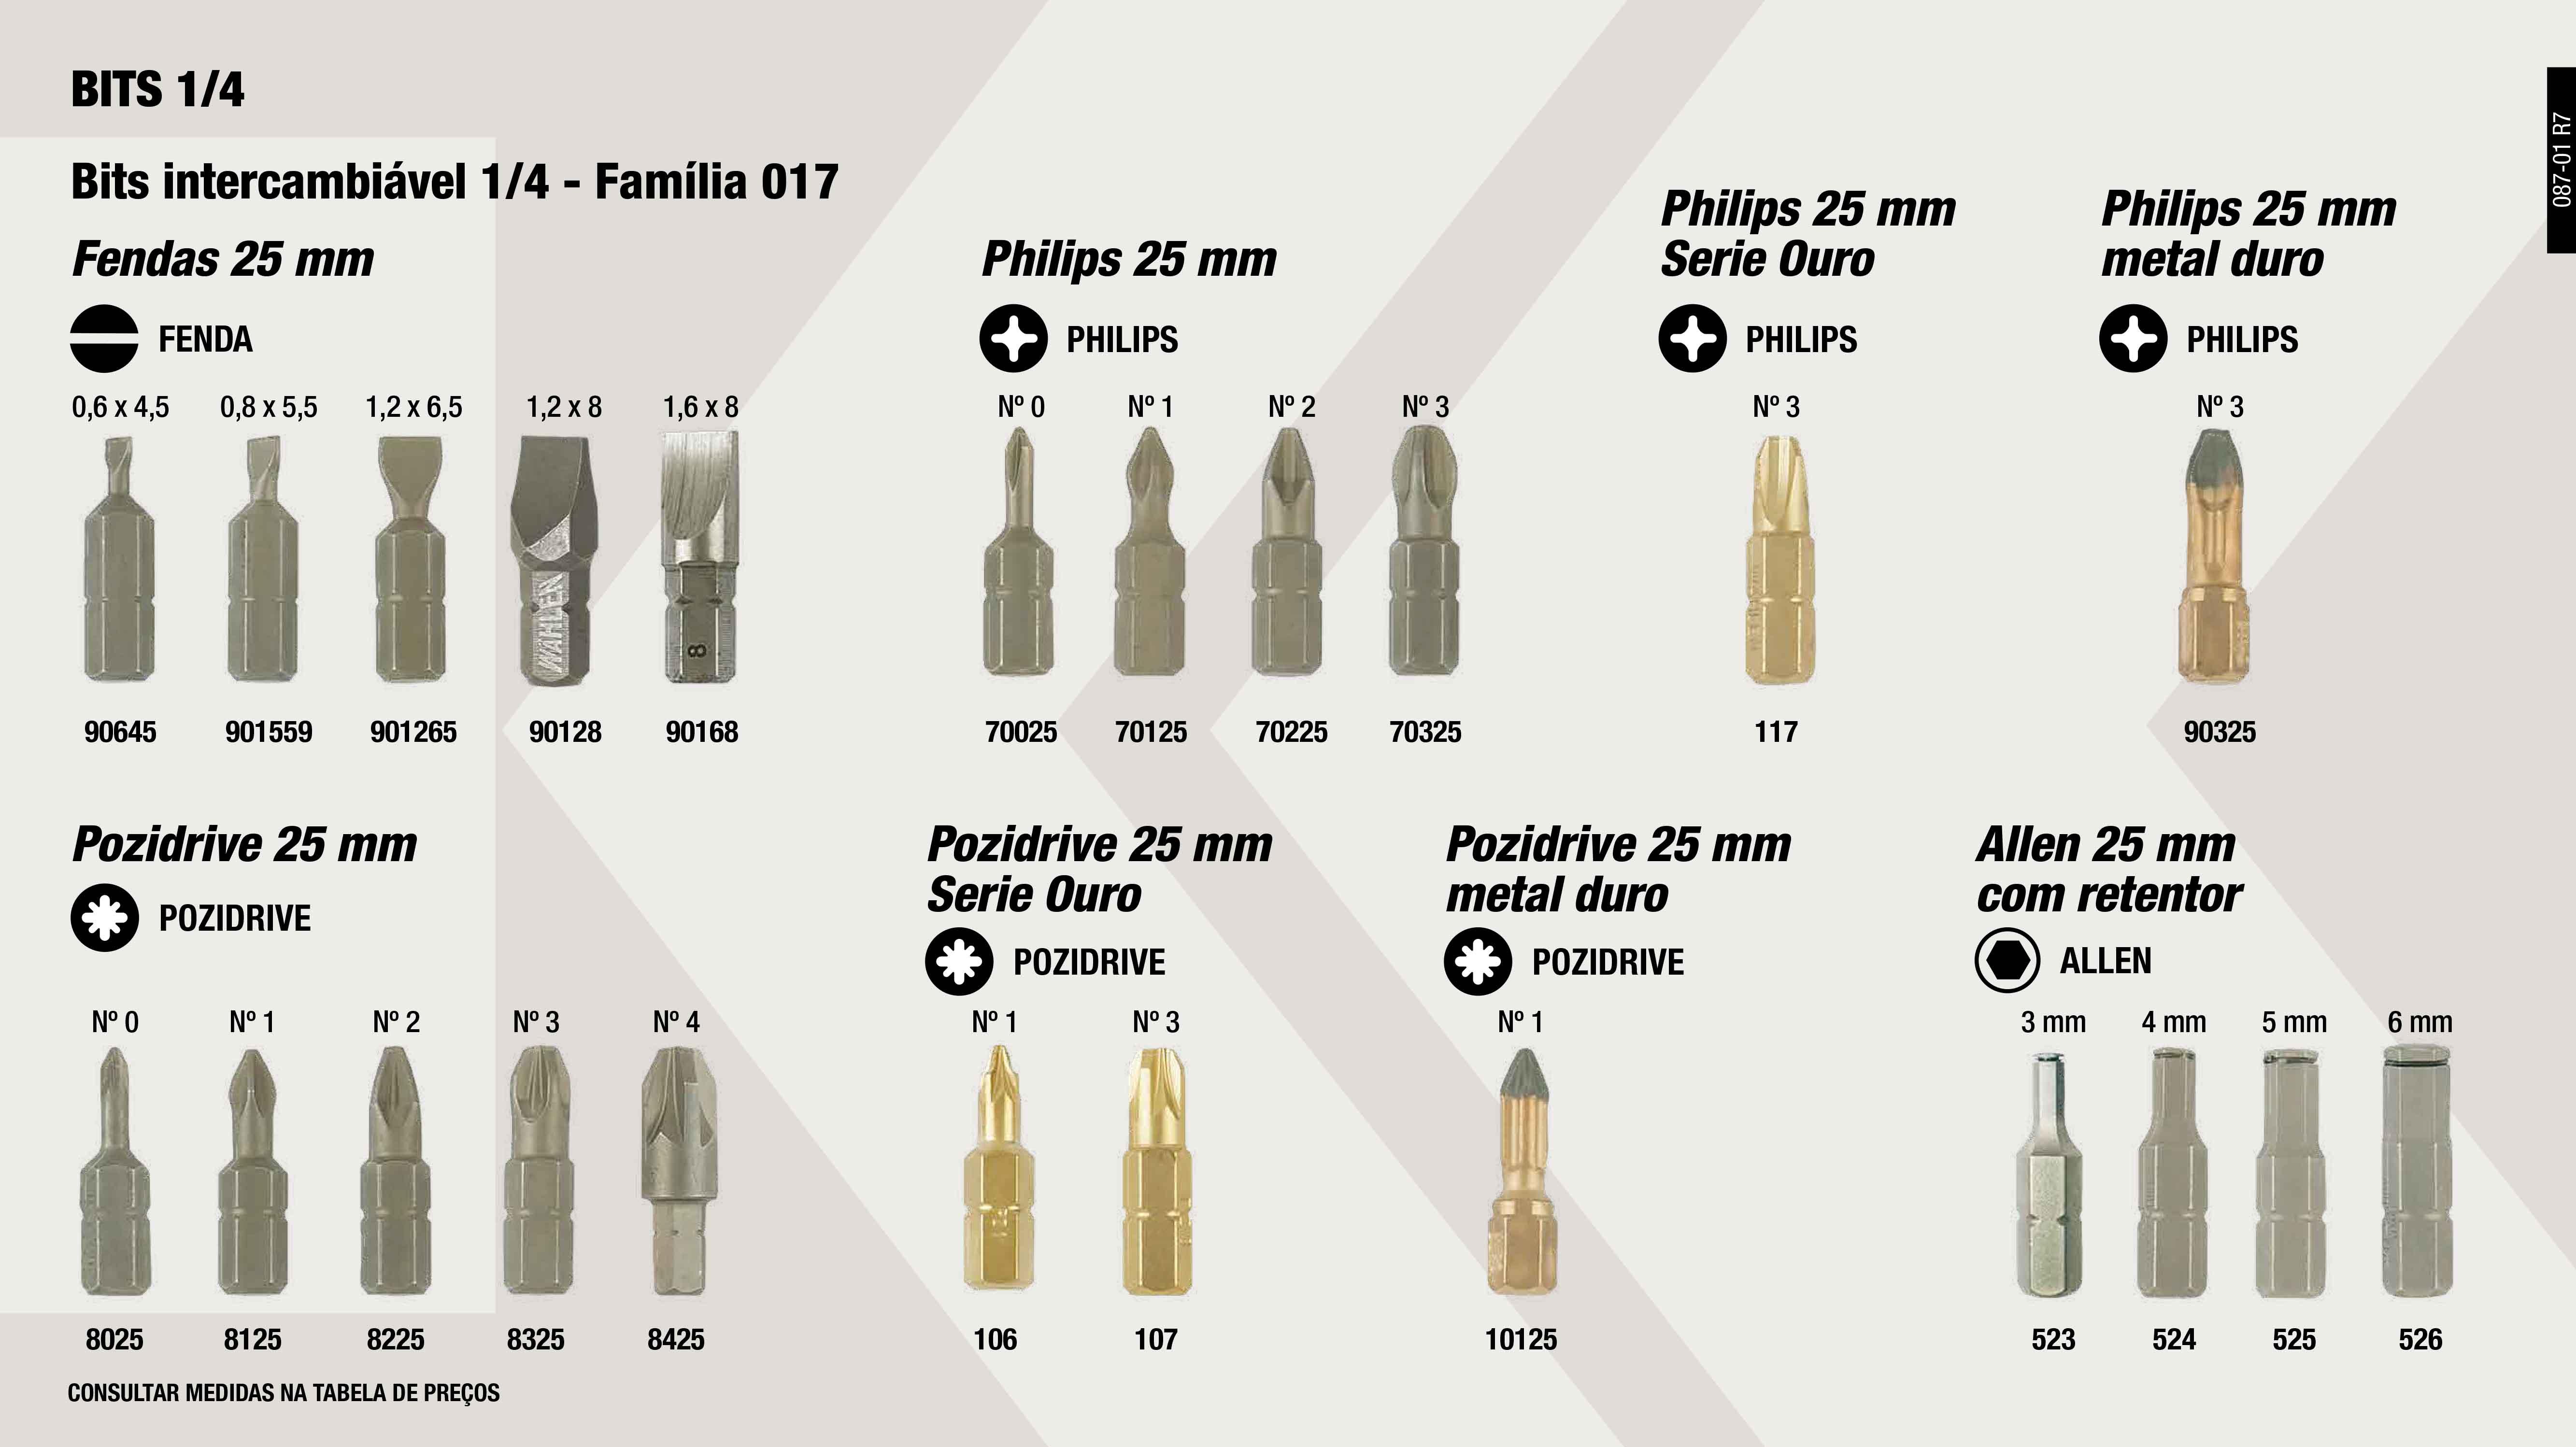 PONTA PHILIPS 25MM 1/4 Nº2                                  ,  PONTA ALLEN 1/4 25MM-6MM C/RETENTOR                         ,  PONTA ALLEN 1/4 25MM-3MM C/RETENTOR                         ,  BIT FENDAS 1/4 25MM 1,2X8                                   ,  PONTA PLANA 1/4 25MM. 1,6X8                                 ,  PONTA SUPER-BIT PH. SERIE OURO Nº3                          ,  PONTA PLANA 1/4 25MM. 1,2X6,5                               ,  PONTA SUPER-BIT PZ. SERIE OURO Nº3                          ,  PONTA PHILIPS 25MM 1/4 Nº1                                  ,  PONTA PHILIPS 25MM 1/4 Nº4                                  ,  PONTA POZIDRIVE 1/4 25MM. N.0                               ,  PONTA POZIDRIVE 1/4 25MM Nº1                                ,  PONTA ALLEN 1/4 25MM-4MM C/RETENTOR                         ,  PONTA PHILIPS 25MM 1/4 Nº3                                  ,  PONTA POZIDRIVE 1/4 25MM Nº3                                ,  PONTA PLANA 1/4 25MM. 0,8X5,5                               ,  PONTA PLANA 1/4 25MM. 0,6X4,5                               ,  PONTA POZIDRIVE 1/4 25MM Nº4                                ,  PONTA ALLEN 1/4 25MM-5MM C/RETENTOR                         ,  PONTA PHILIPS 25 MM 1/4 Nº0                                 ,  PONTA POZIDRIVE 1/4 25MM Nº2                                ,